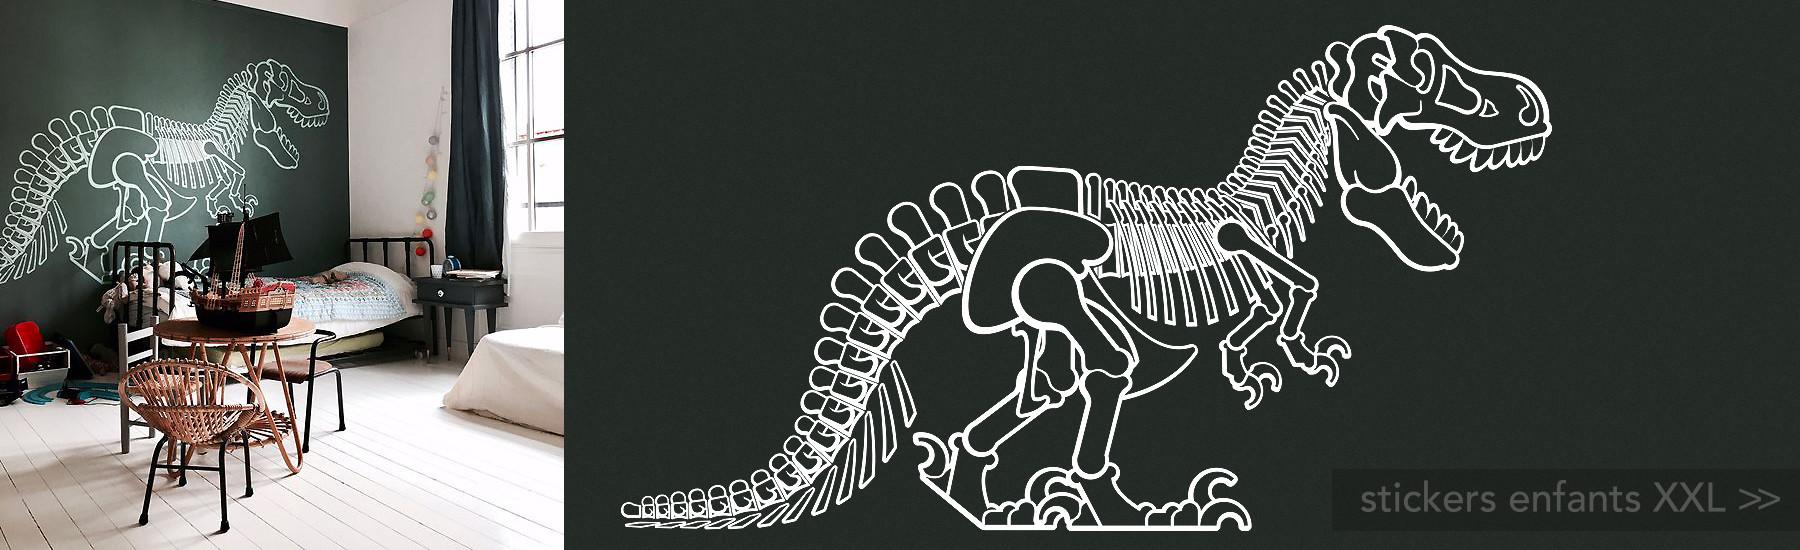 stickers enfant dinosaure t-rex géant XXL, décoration murale garçon